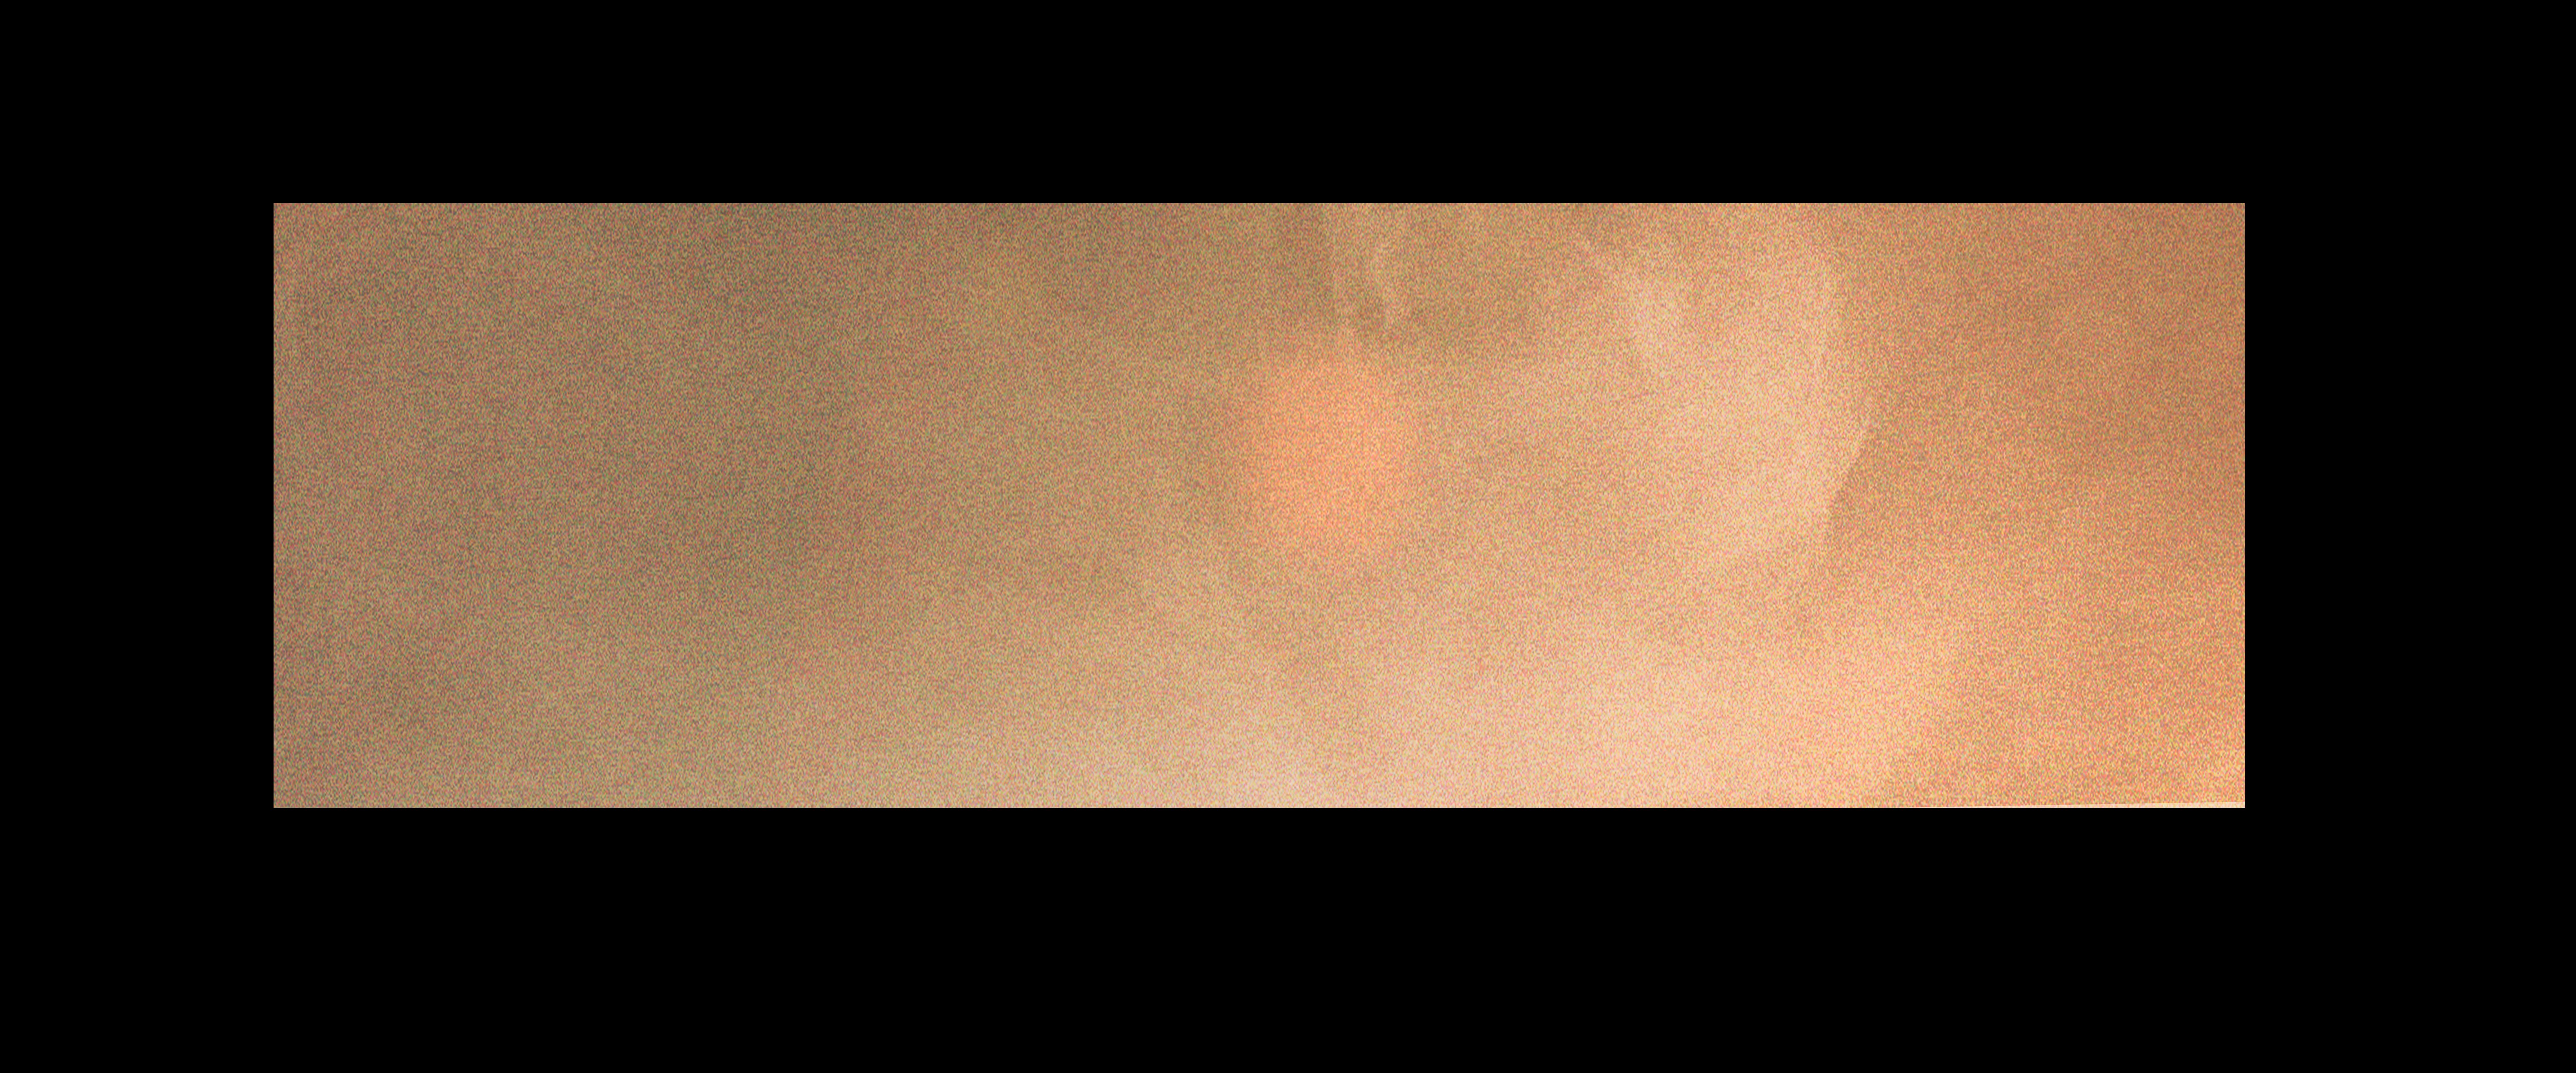 Arise wrd2